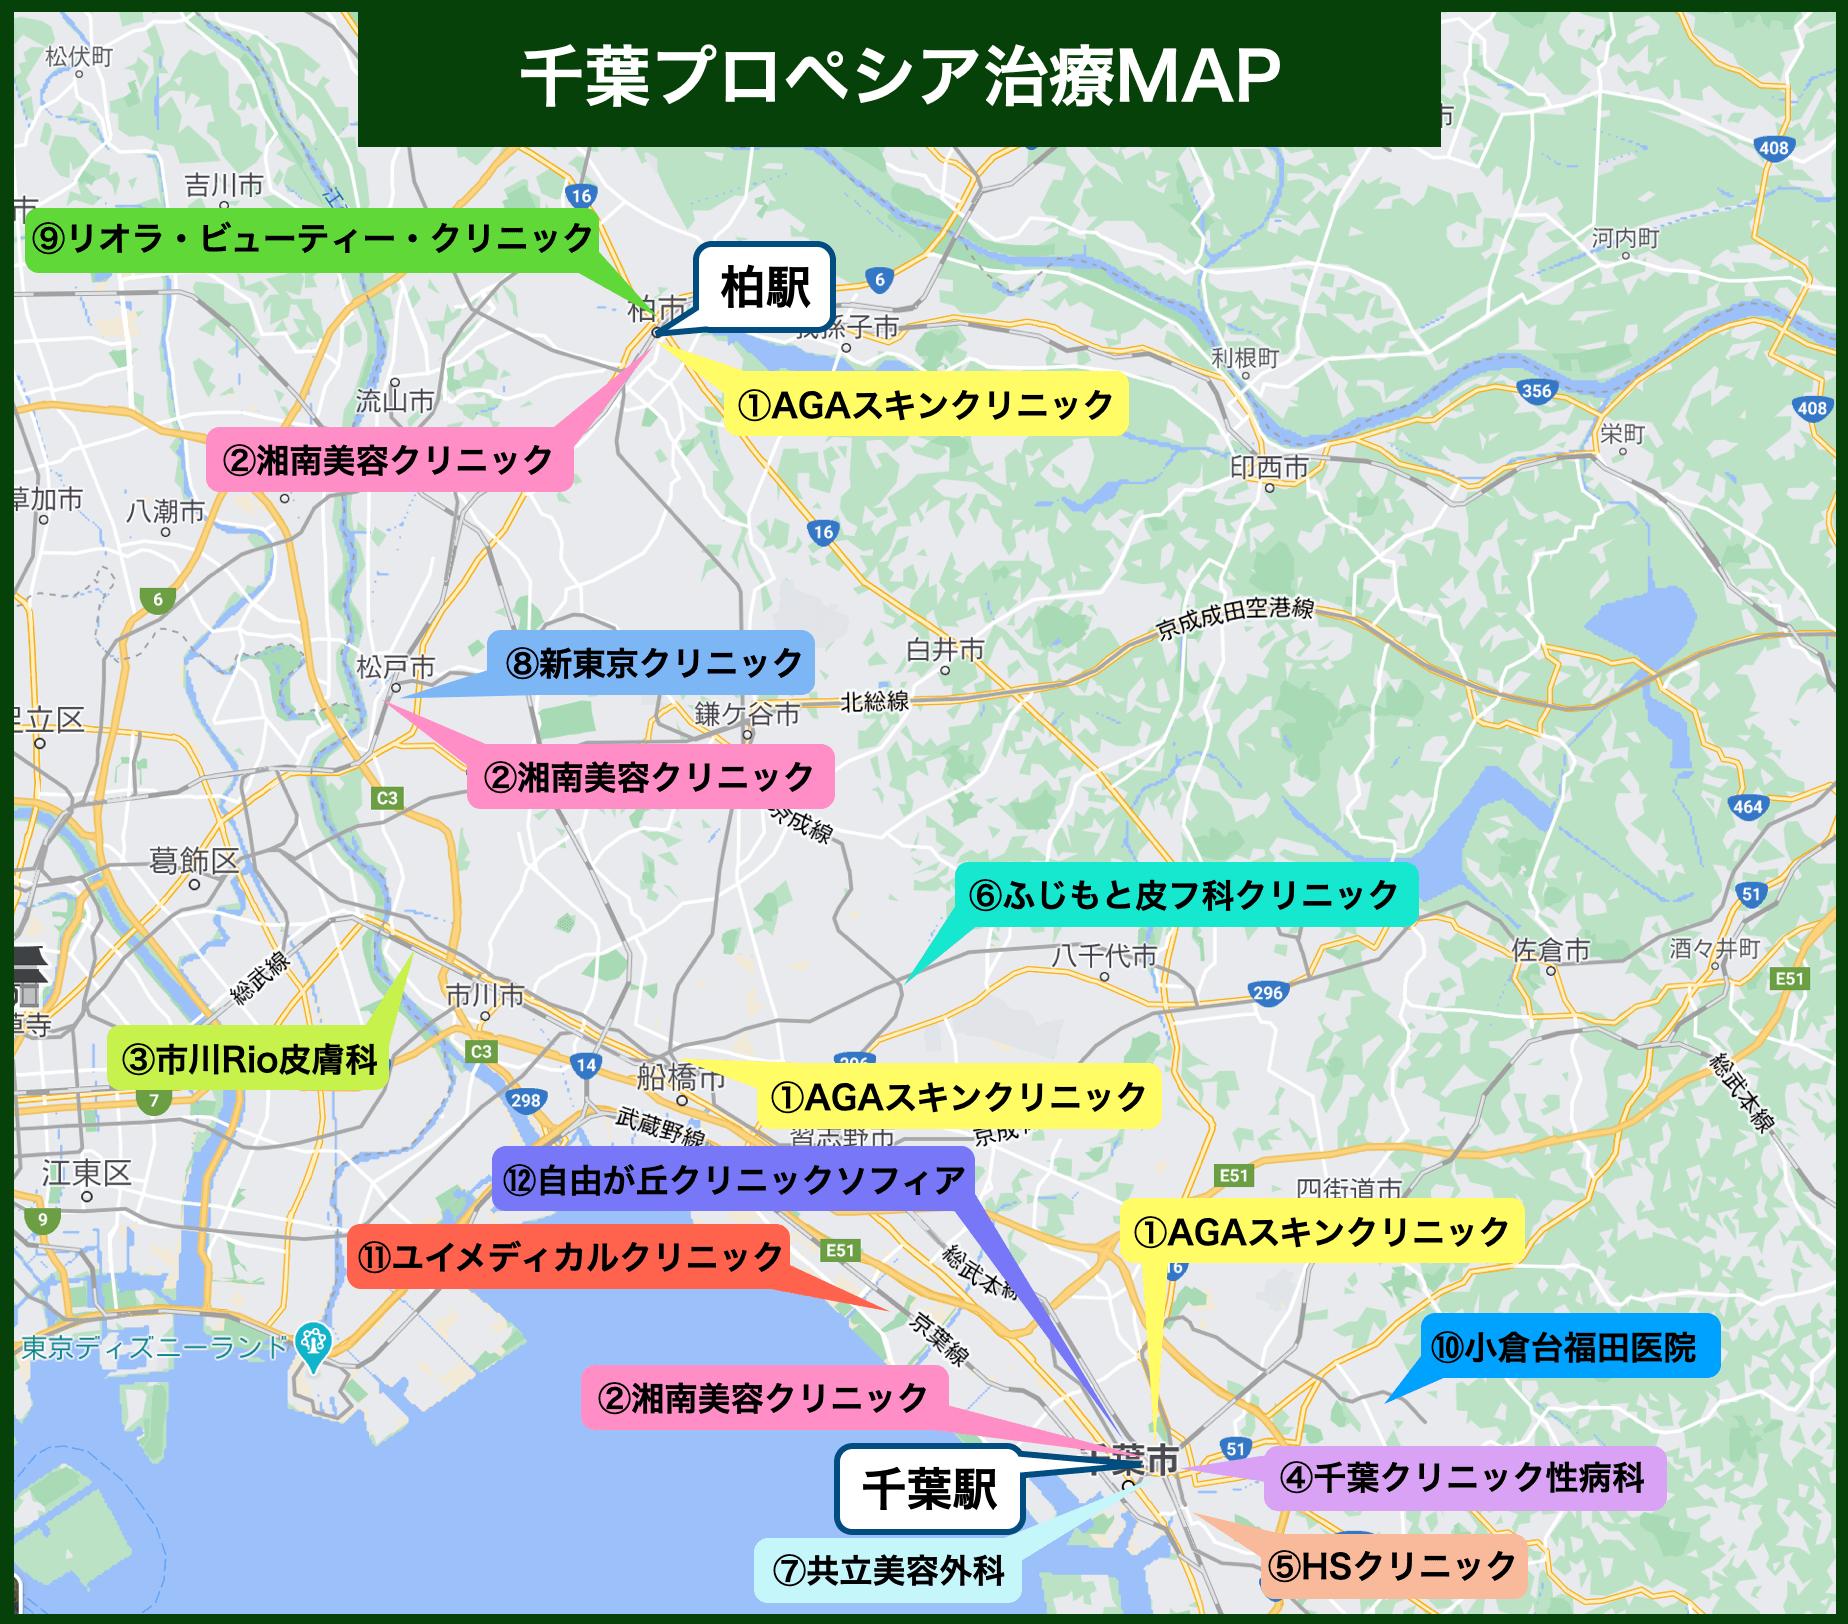 千葉 プロペシア治療MAP